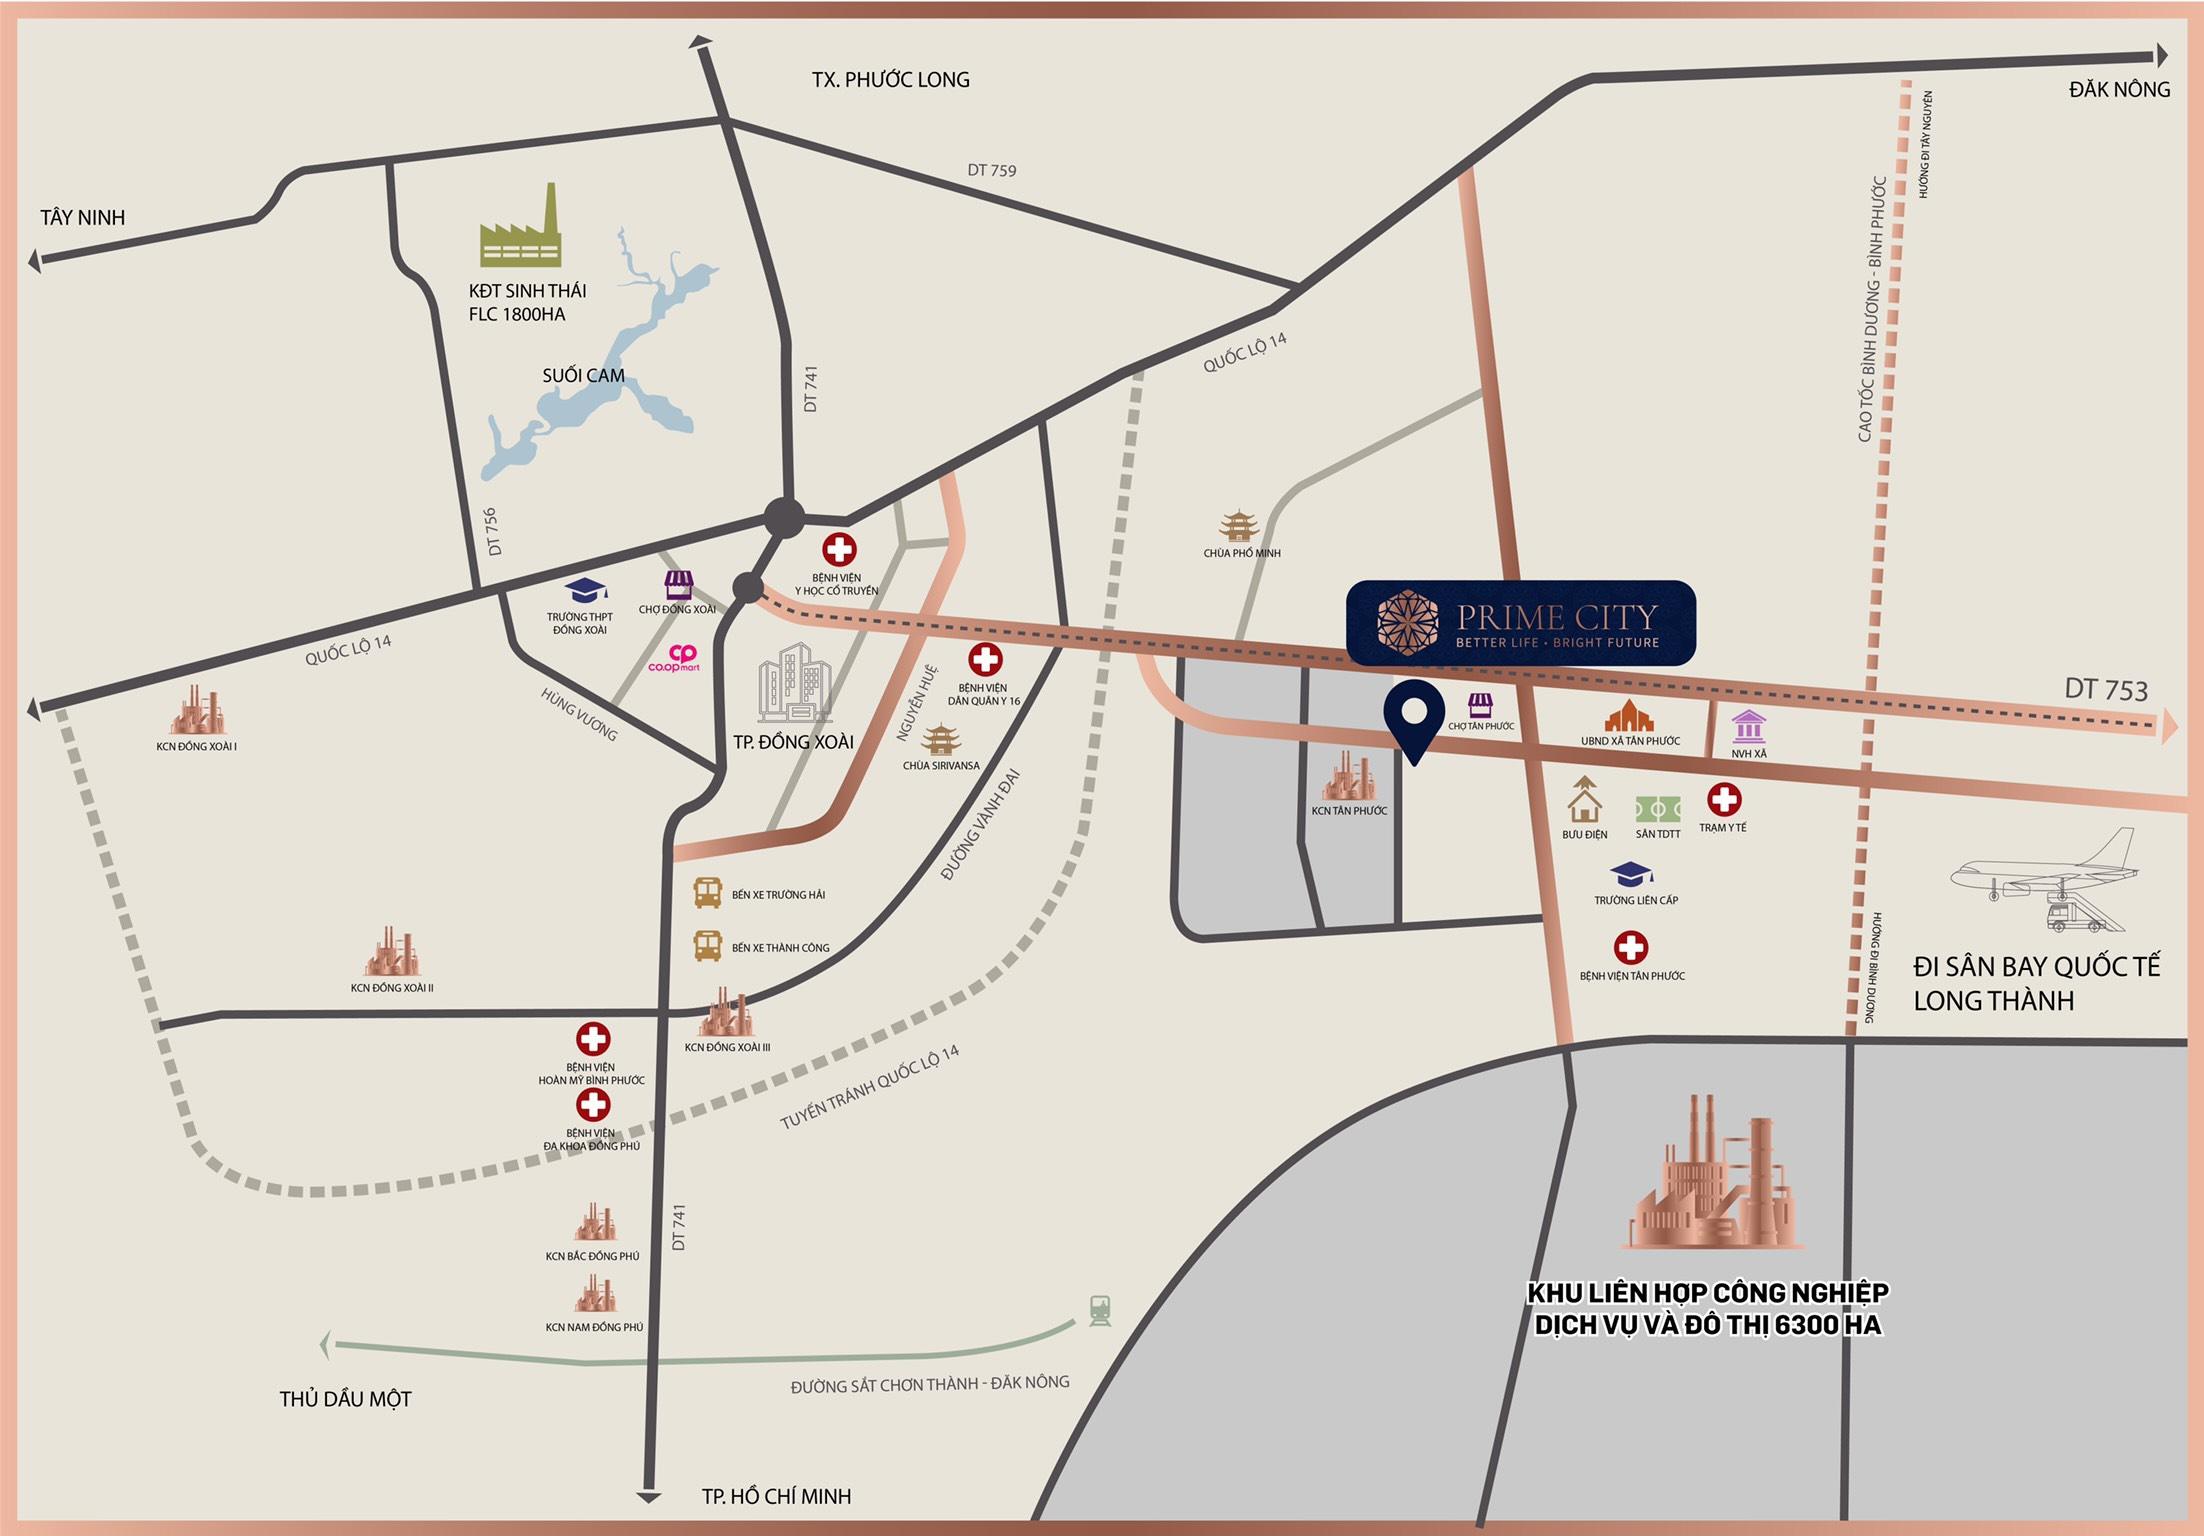 Vị trí Dự án đất nền khu dân cư Prime City Bình Phước, Tân Phước, Đồng Phú